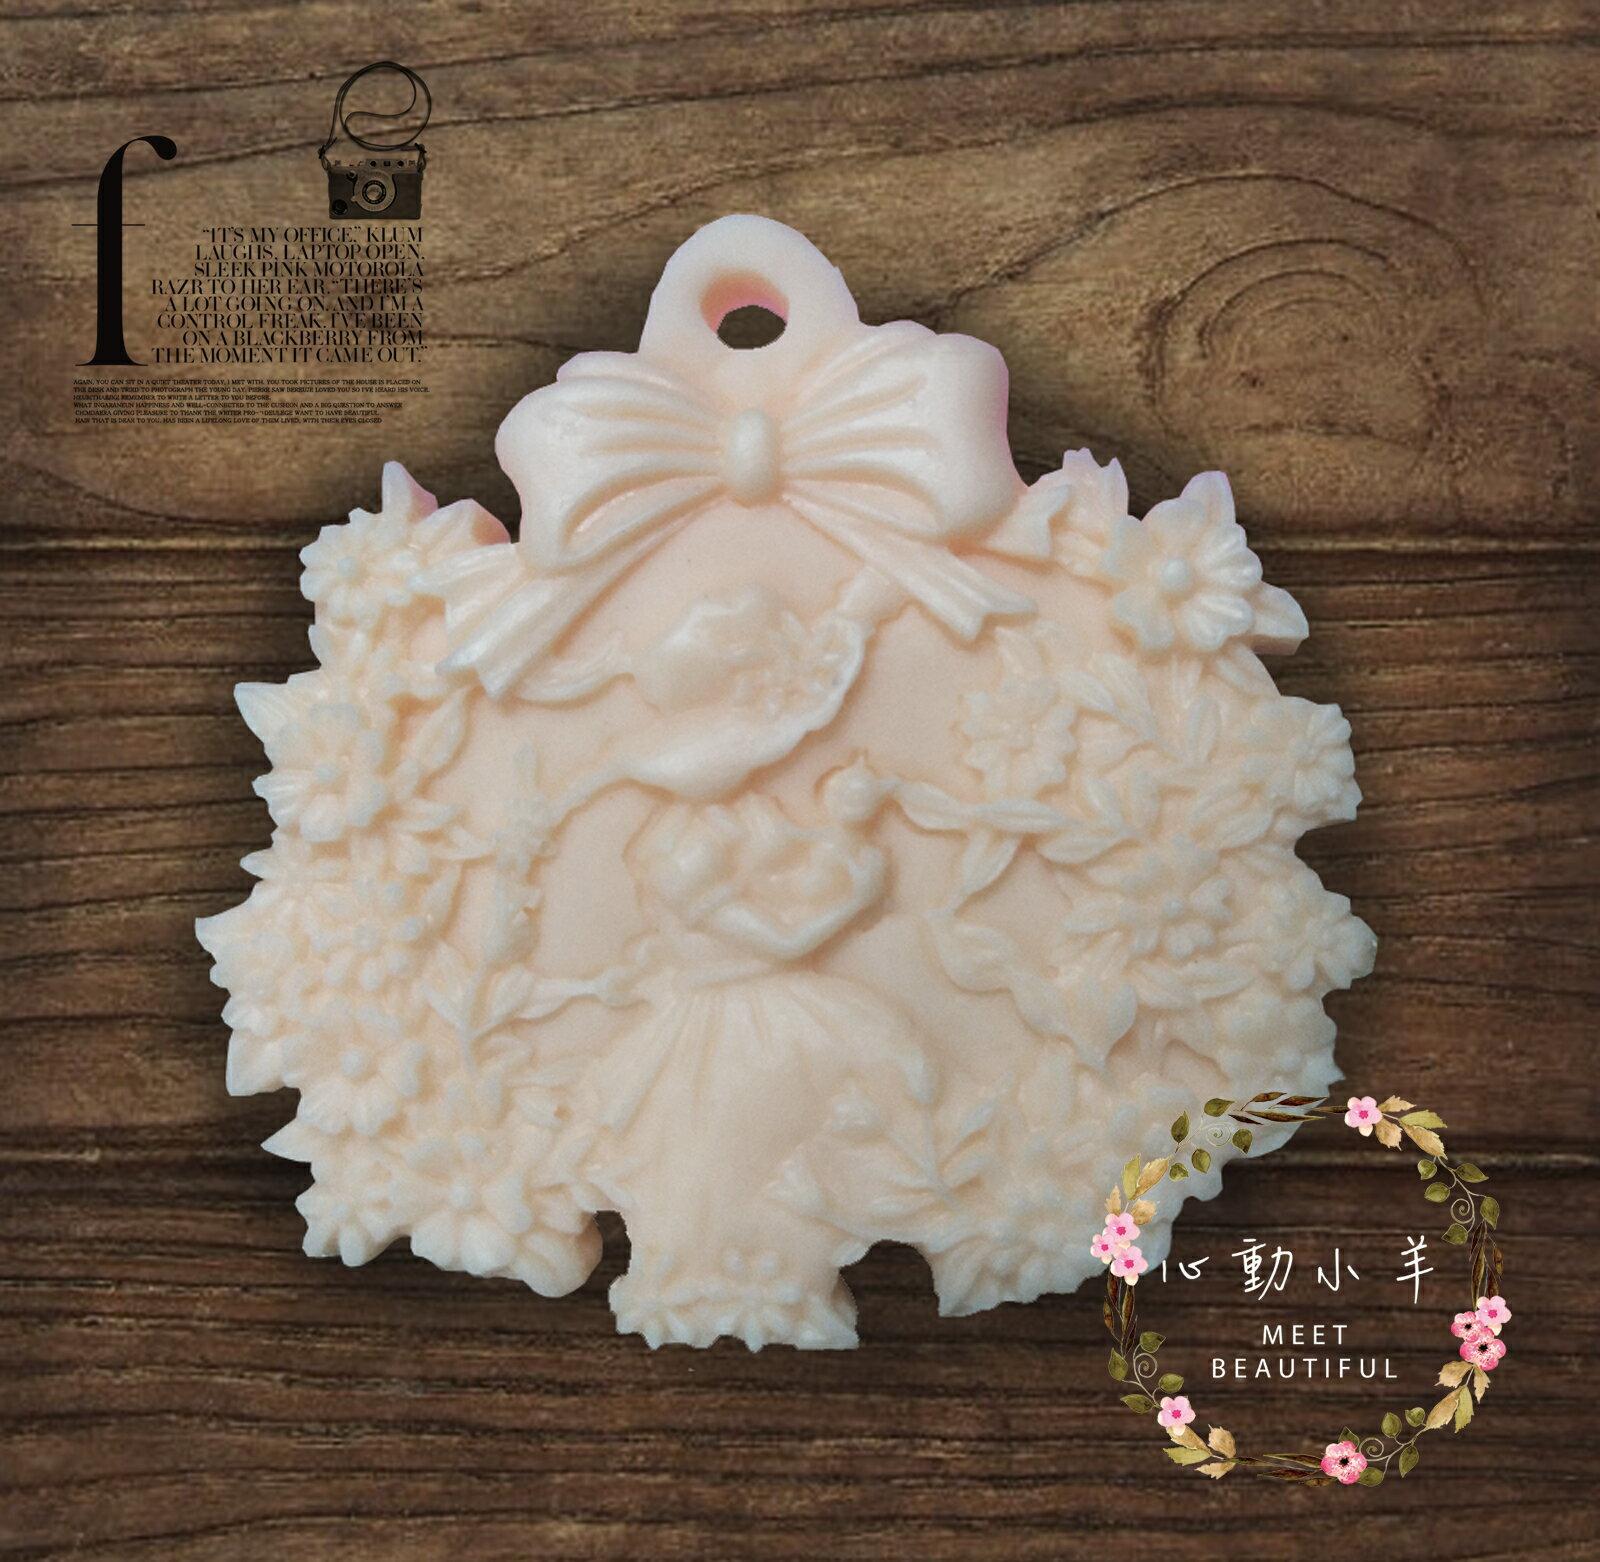 心動小羊^^DIY手工皂矽膠模具香皂模型矽膠皂模藝術皂模具香磚擴香石蠟片花園蝴蝶結女孩(單孔)